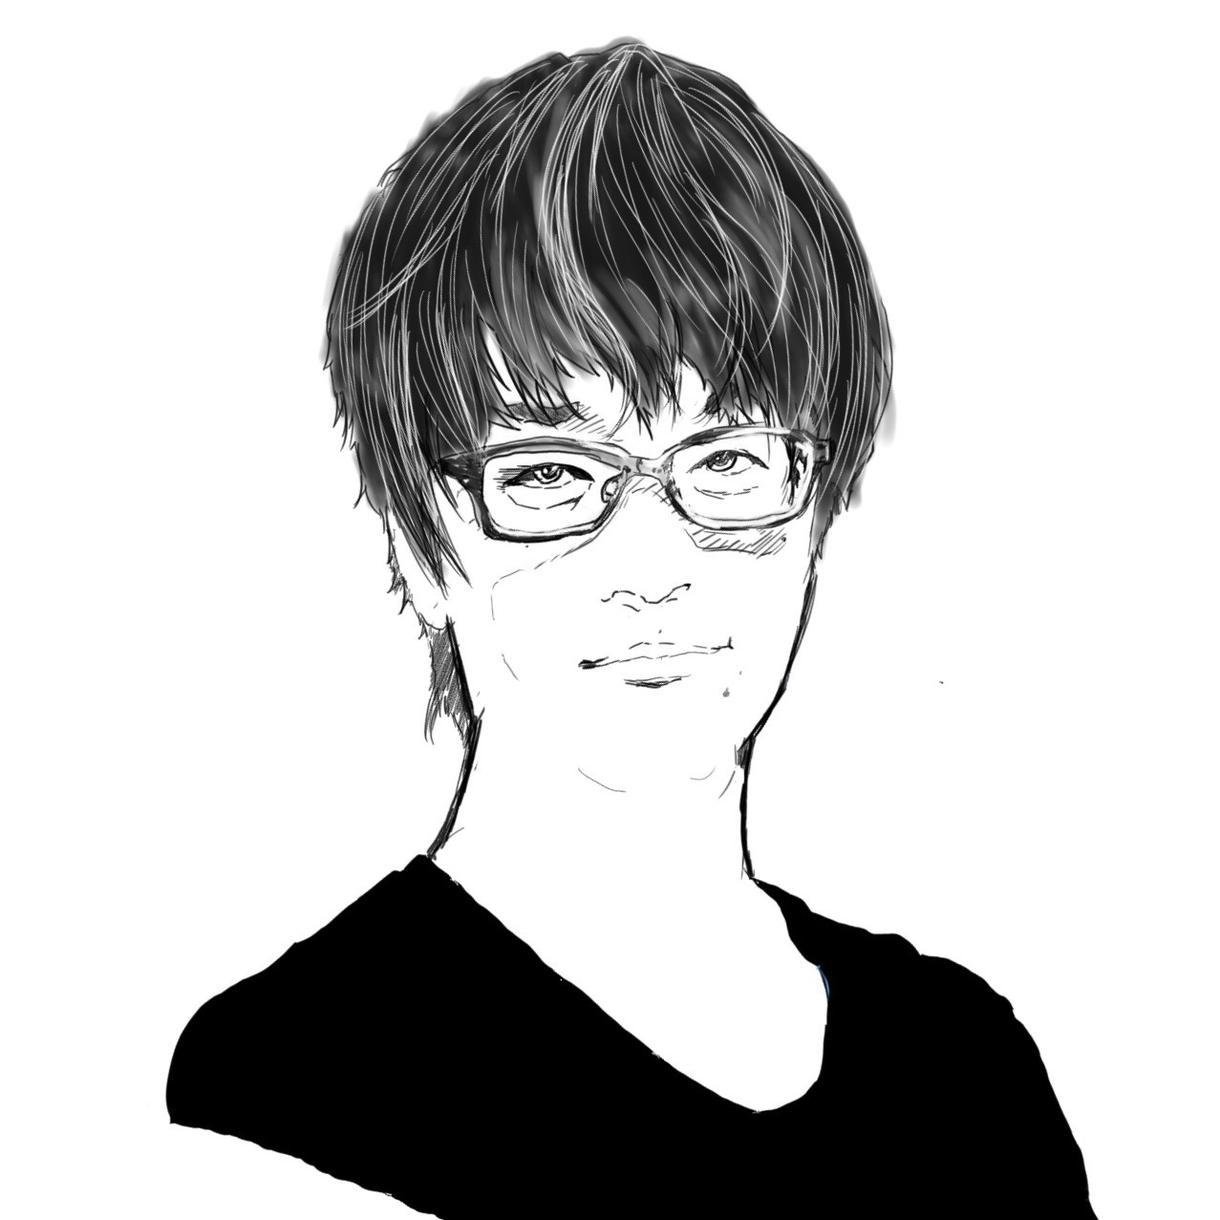 渋くてクールな似顔絵描きます 写真を元にシルエットそのまあまでアイコン作成行います